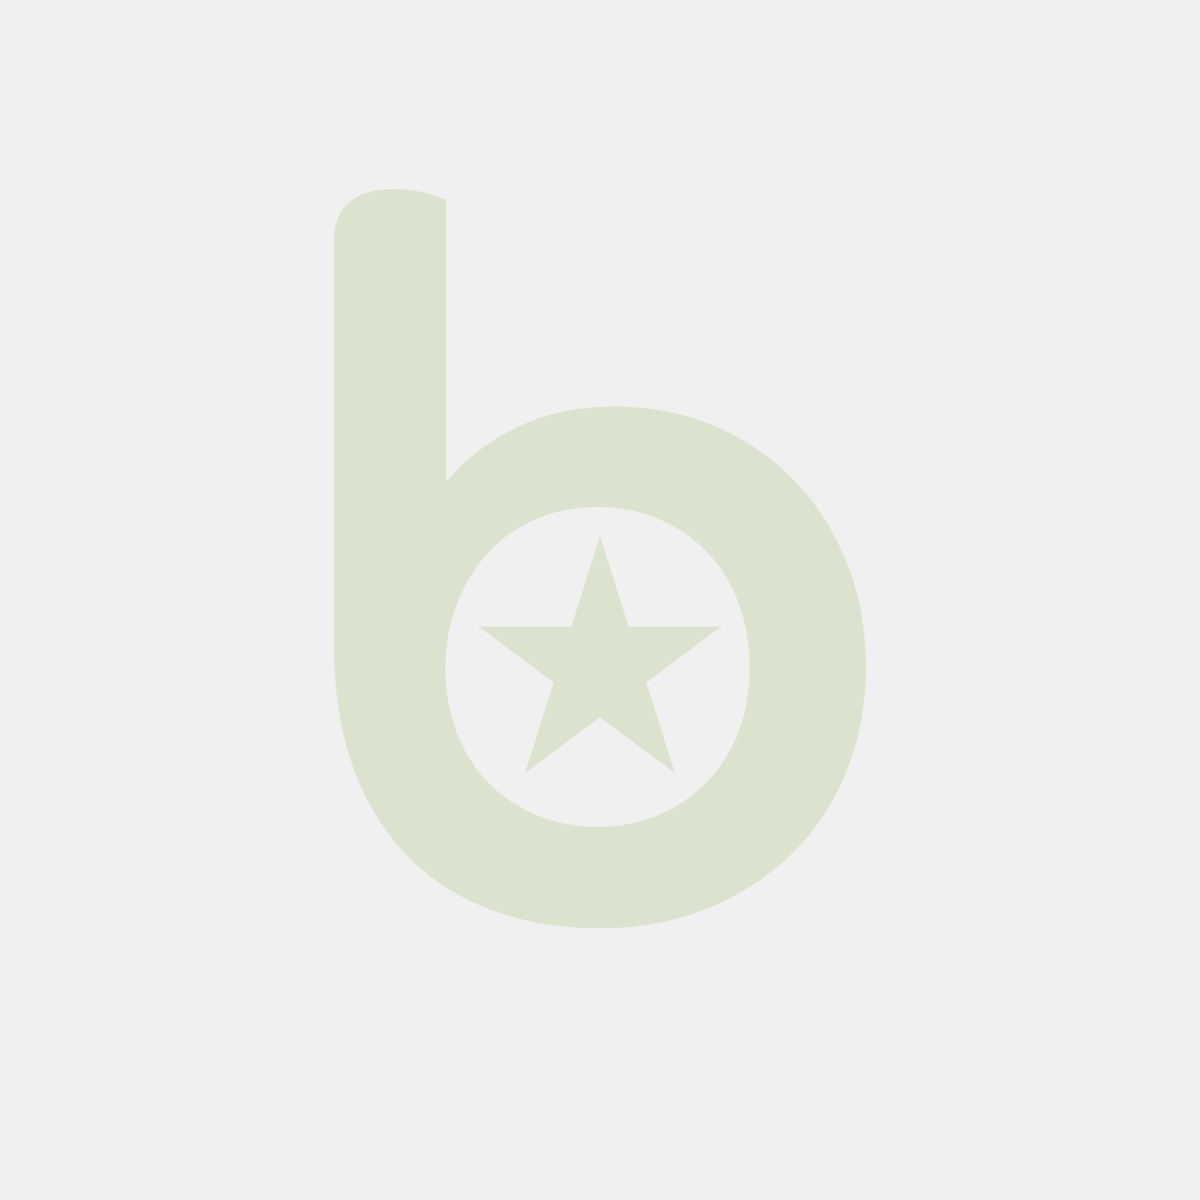 Taca prostokątna Le Perle biała melamina 38x23x3cm